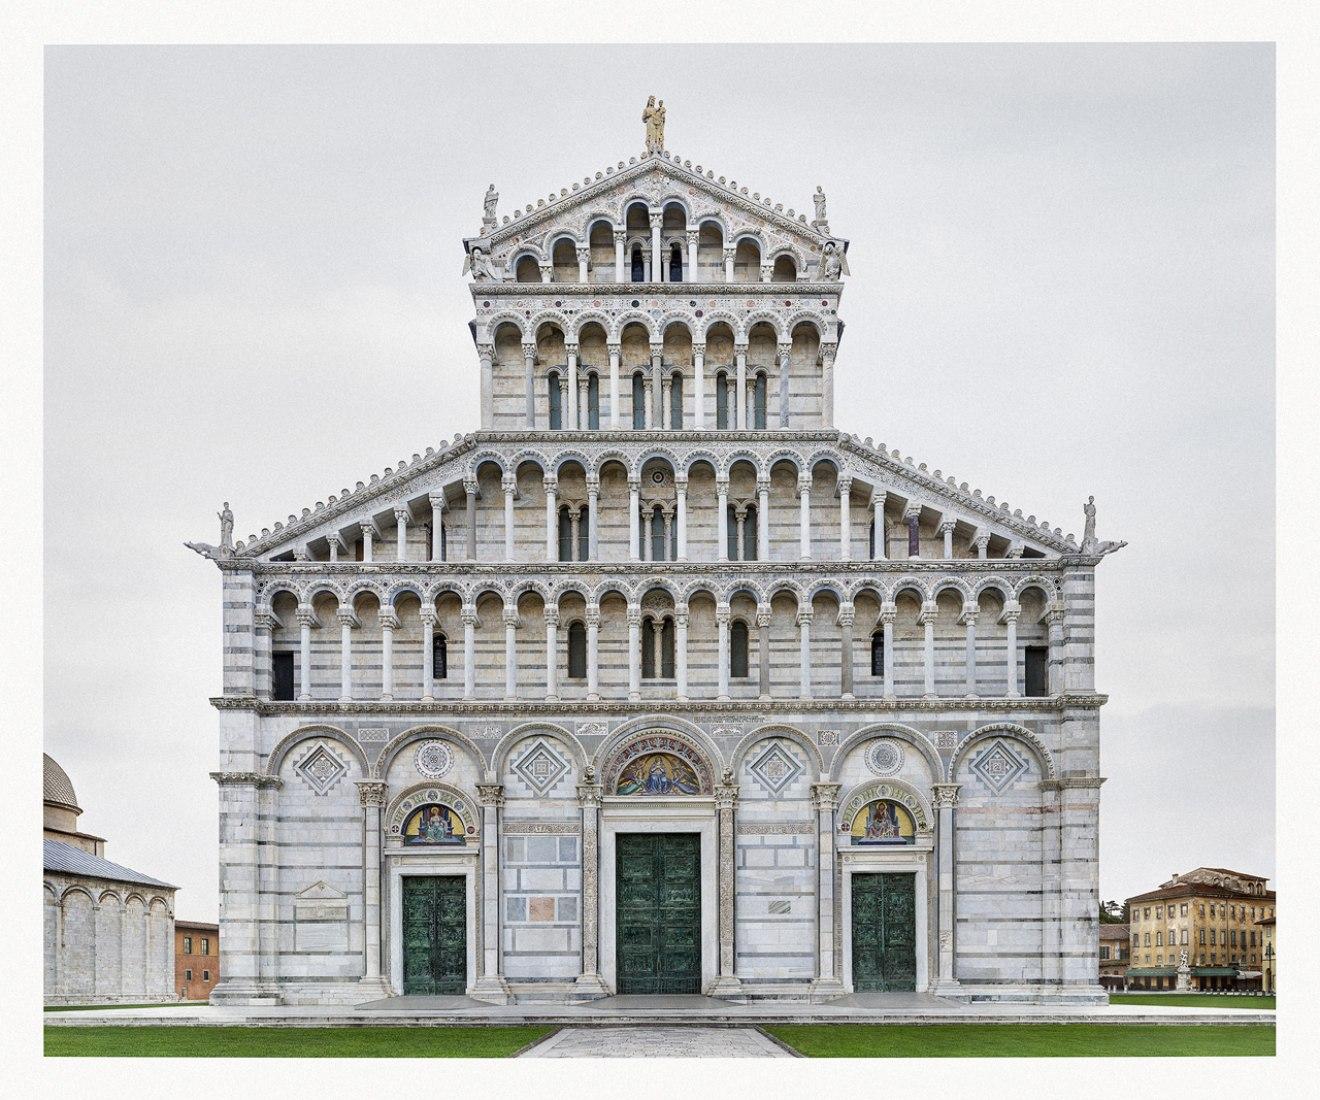 Façades. Markus Brunetti, Duomo Santa Maria Assunta, Pisa. Phtography © Markus Brunetti 2014. Courtesy of MAKK.